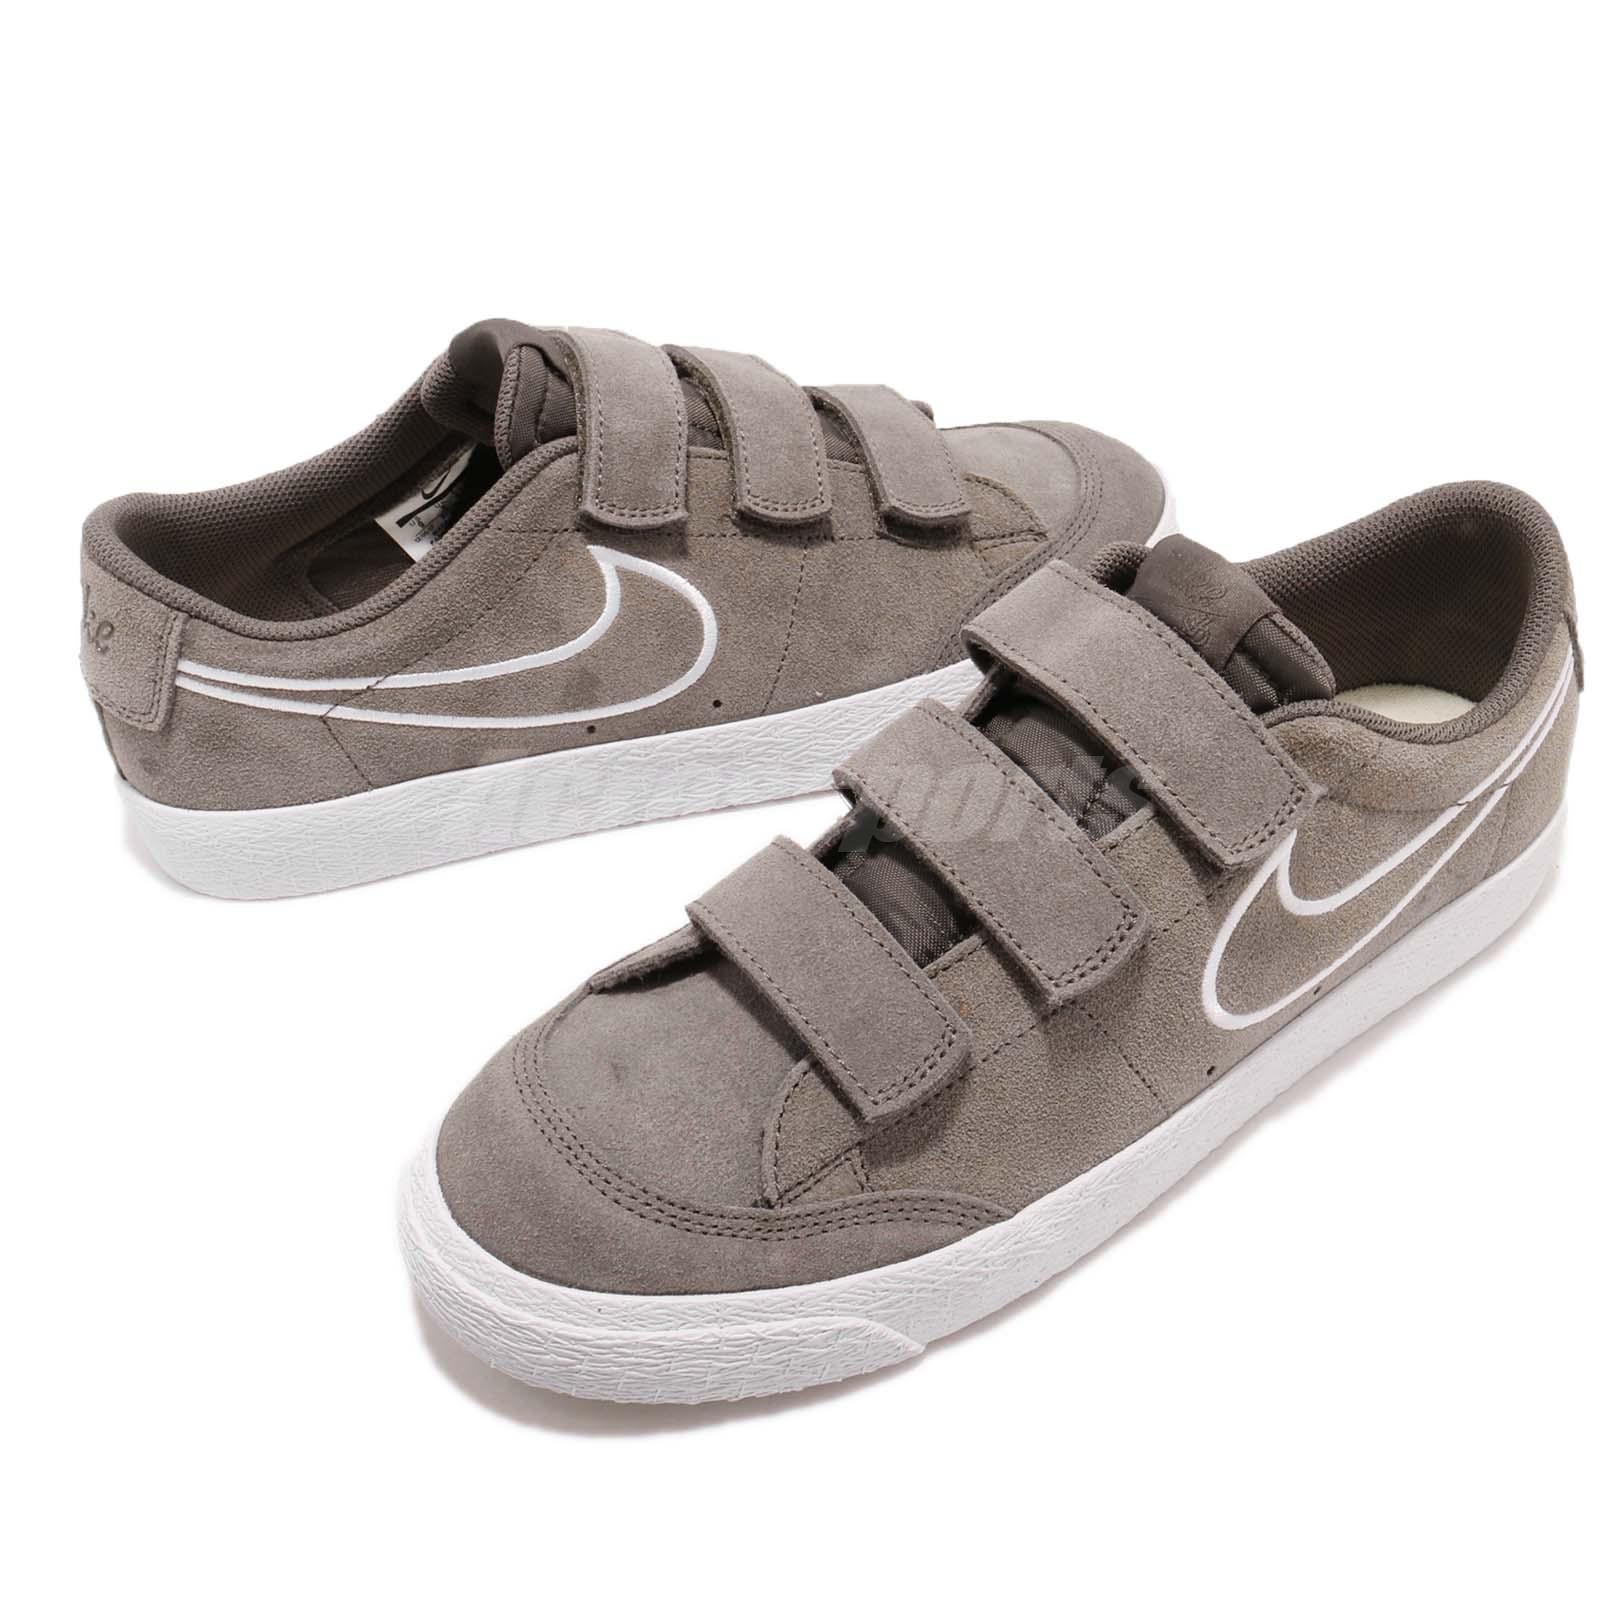 new arrival 2877a 1efe6 Nike SB Zoom Blazer AC XT Ridgerock Fossil Men Skate Boarding Shoes ...